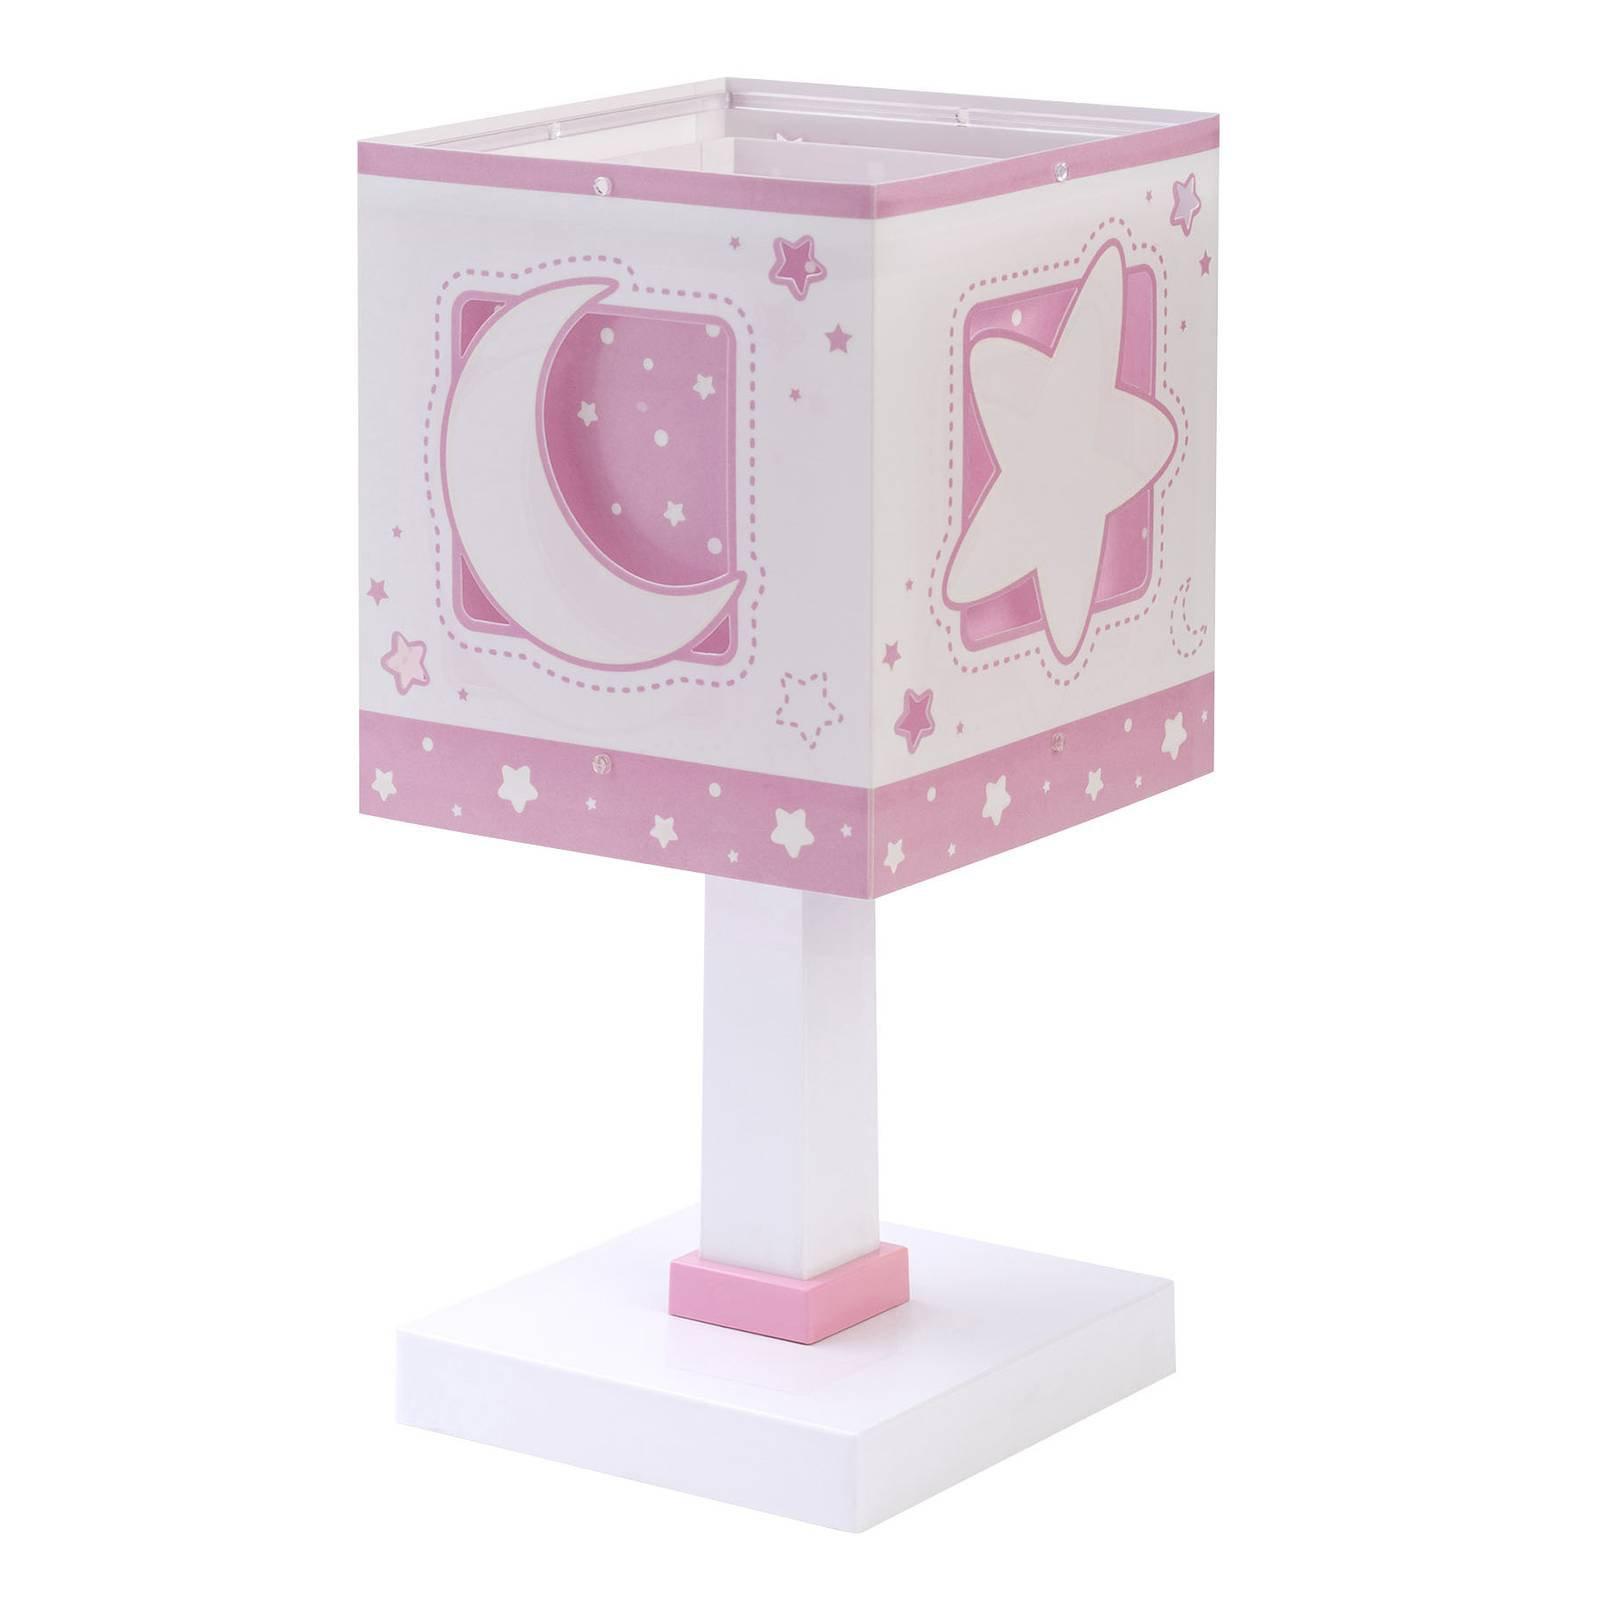 Bordlampe til barnerom Moonlight, rosa